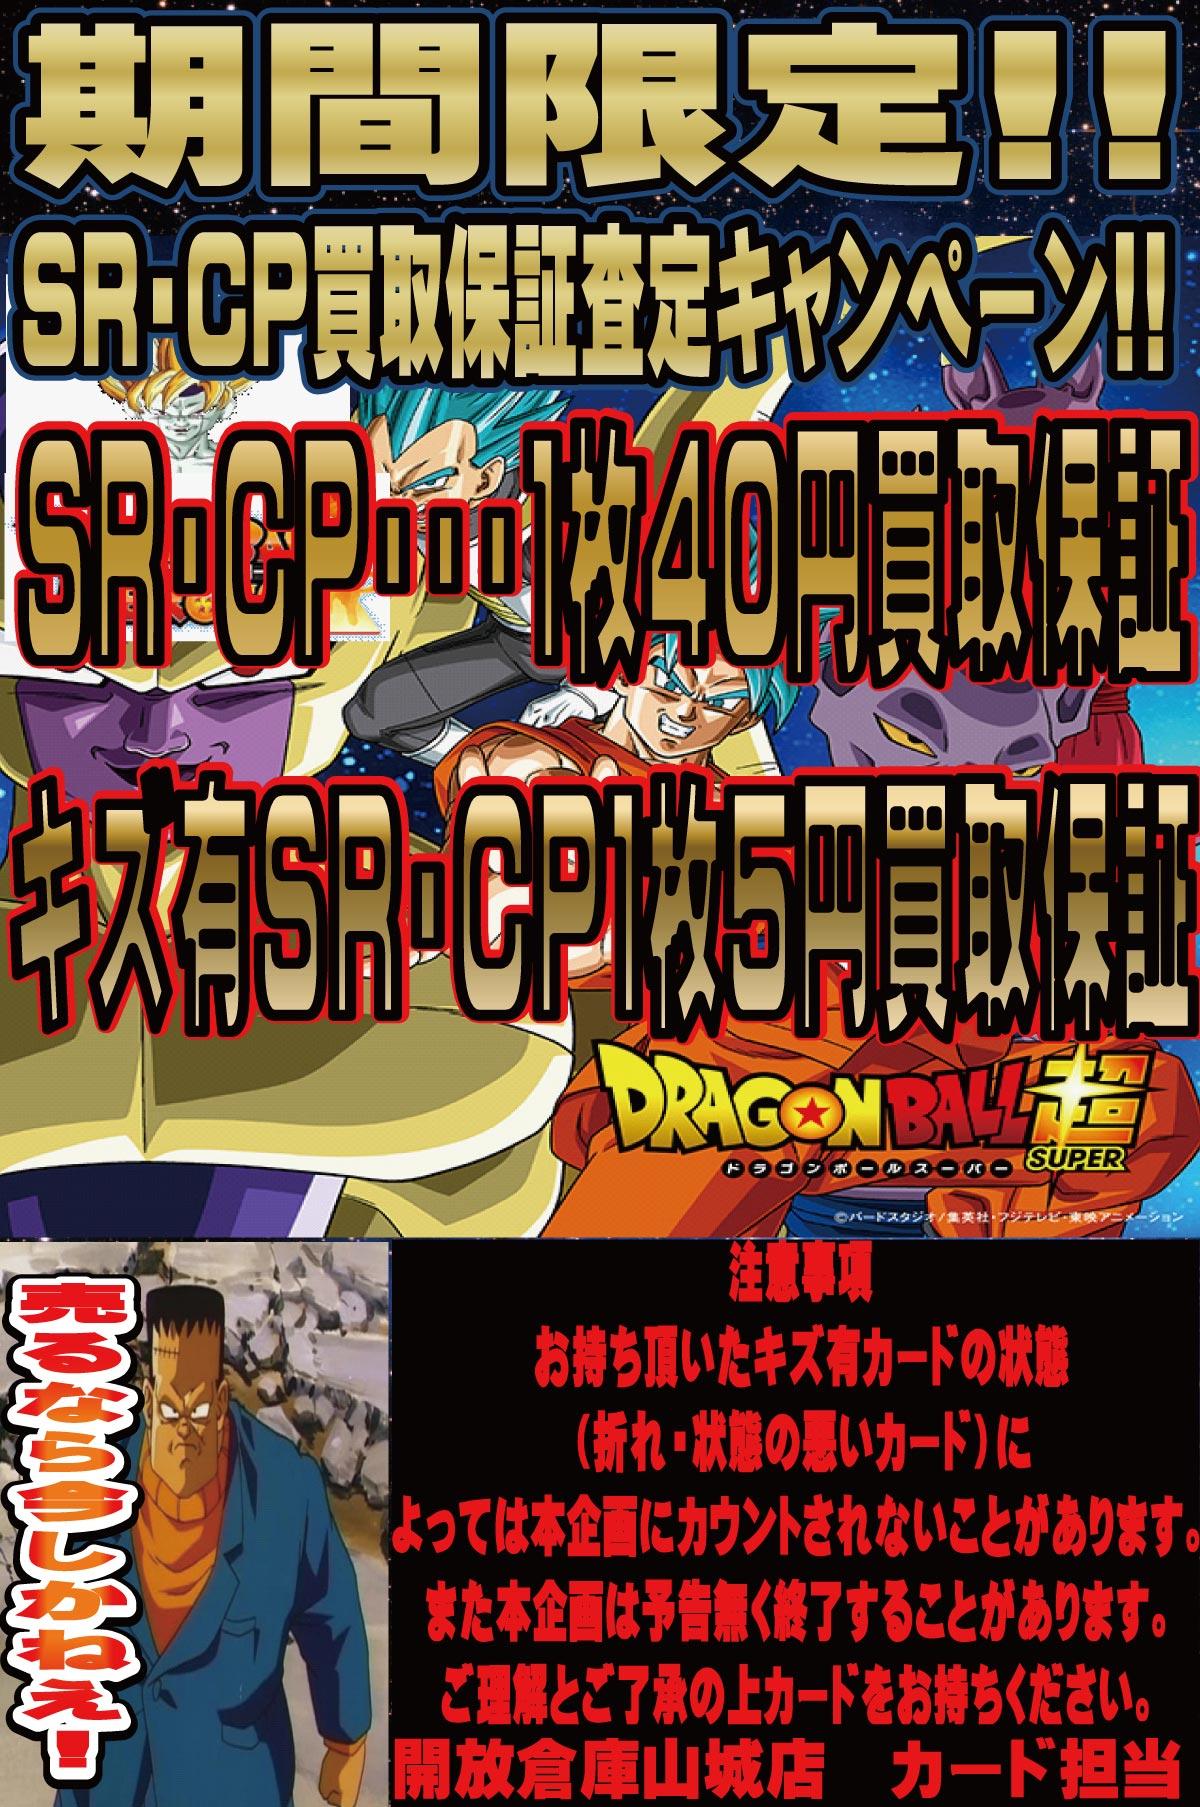 「開放倉庫山城店」ドラゴンボールスーパー!期間限定SR・CP買取保証査定キャンペーン!!